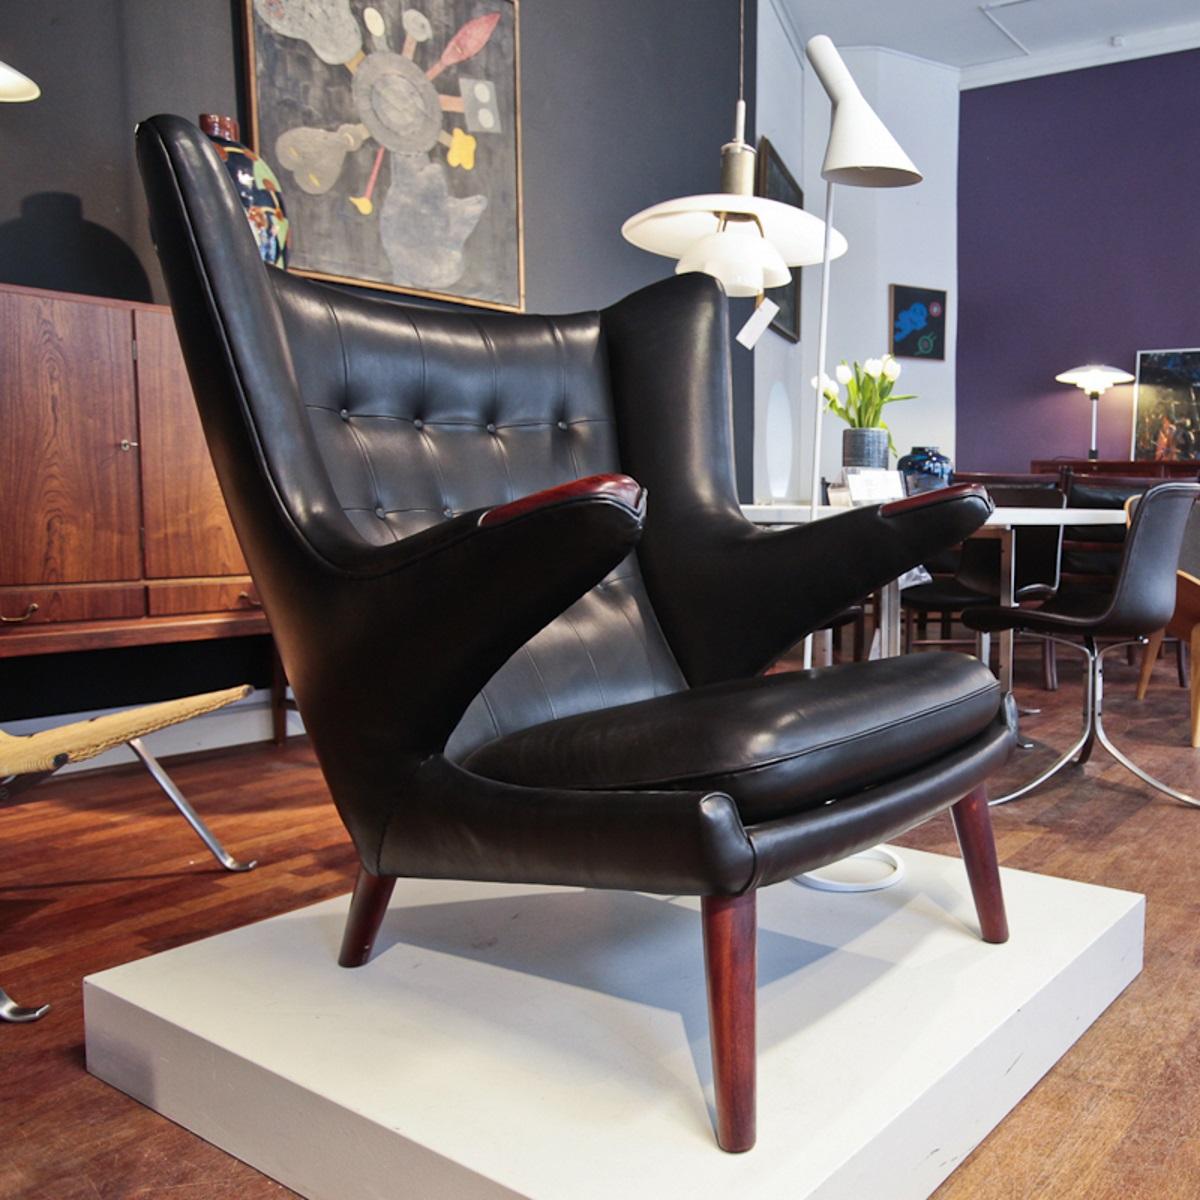 Klassik_Moderne Möbelkunst_Geschäft für Designklassiker in Kopenhagen_2